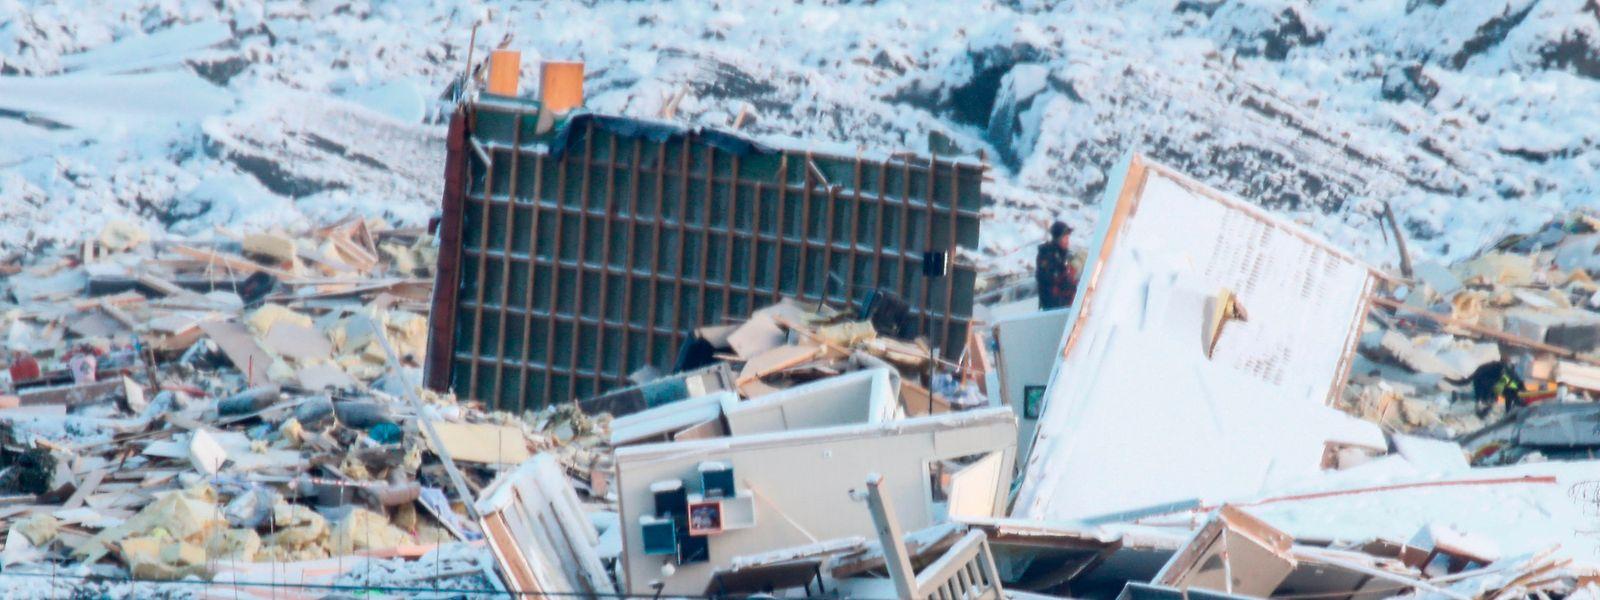 Eine Rettungsmannschaft sucht nach einem Erdrutsch nach vermissten Menschen.